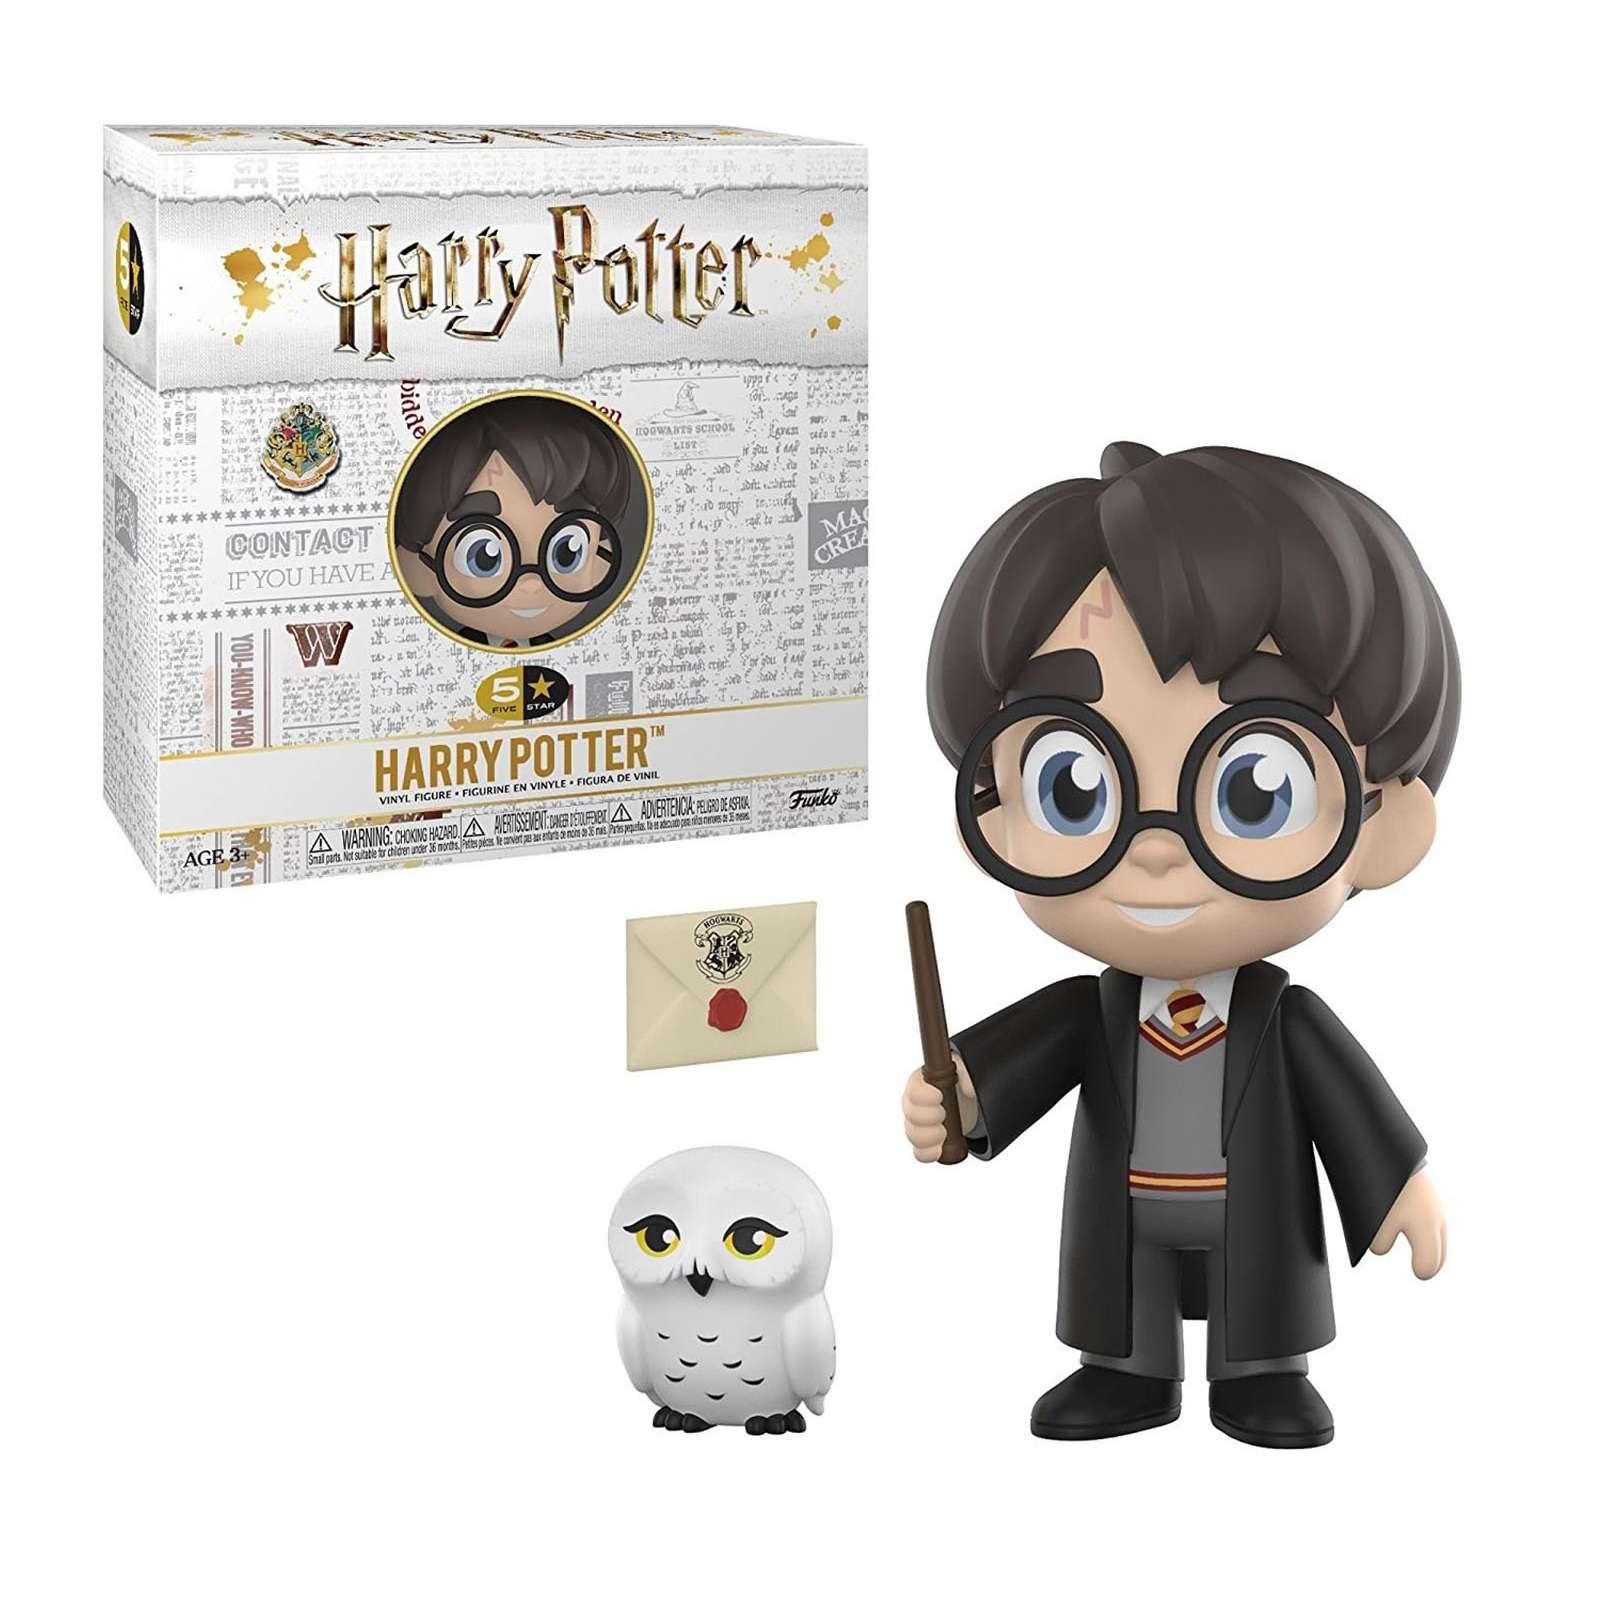 5 Star - Harry Potter - Harry Potter Photo